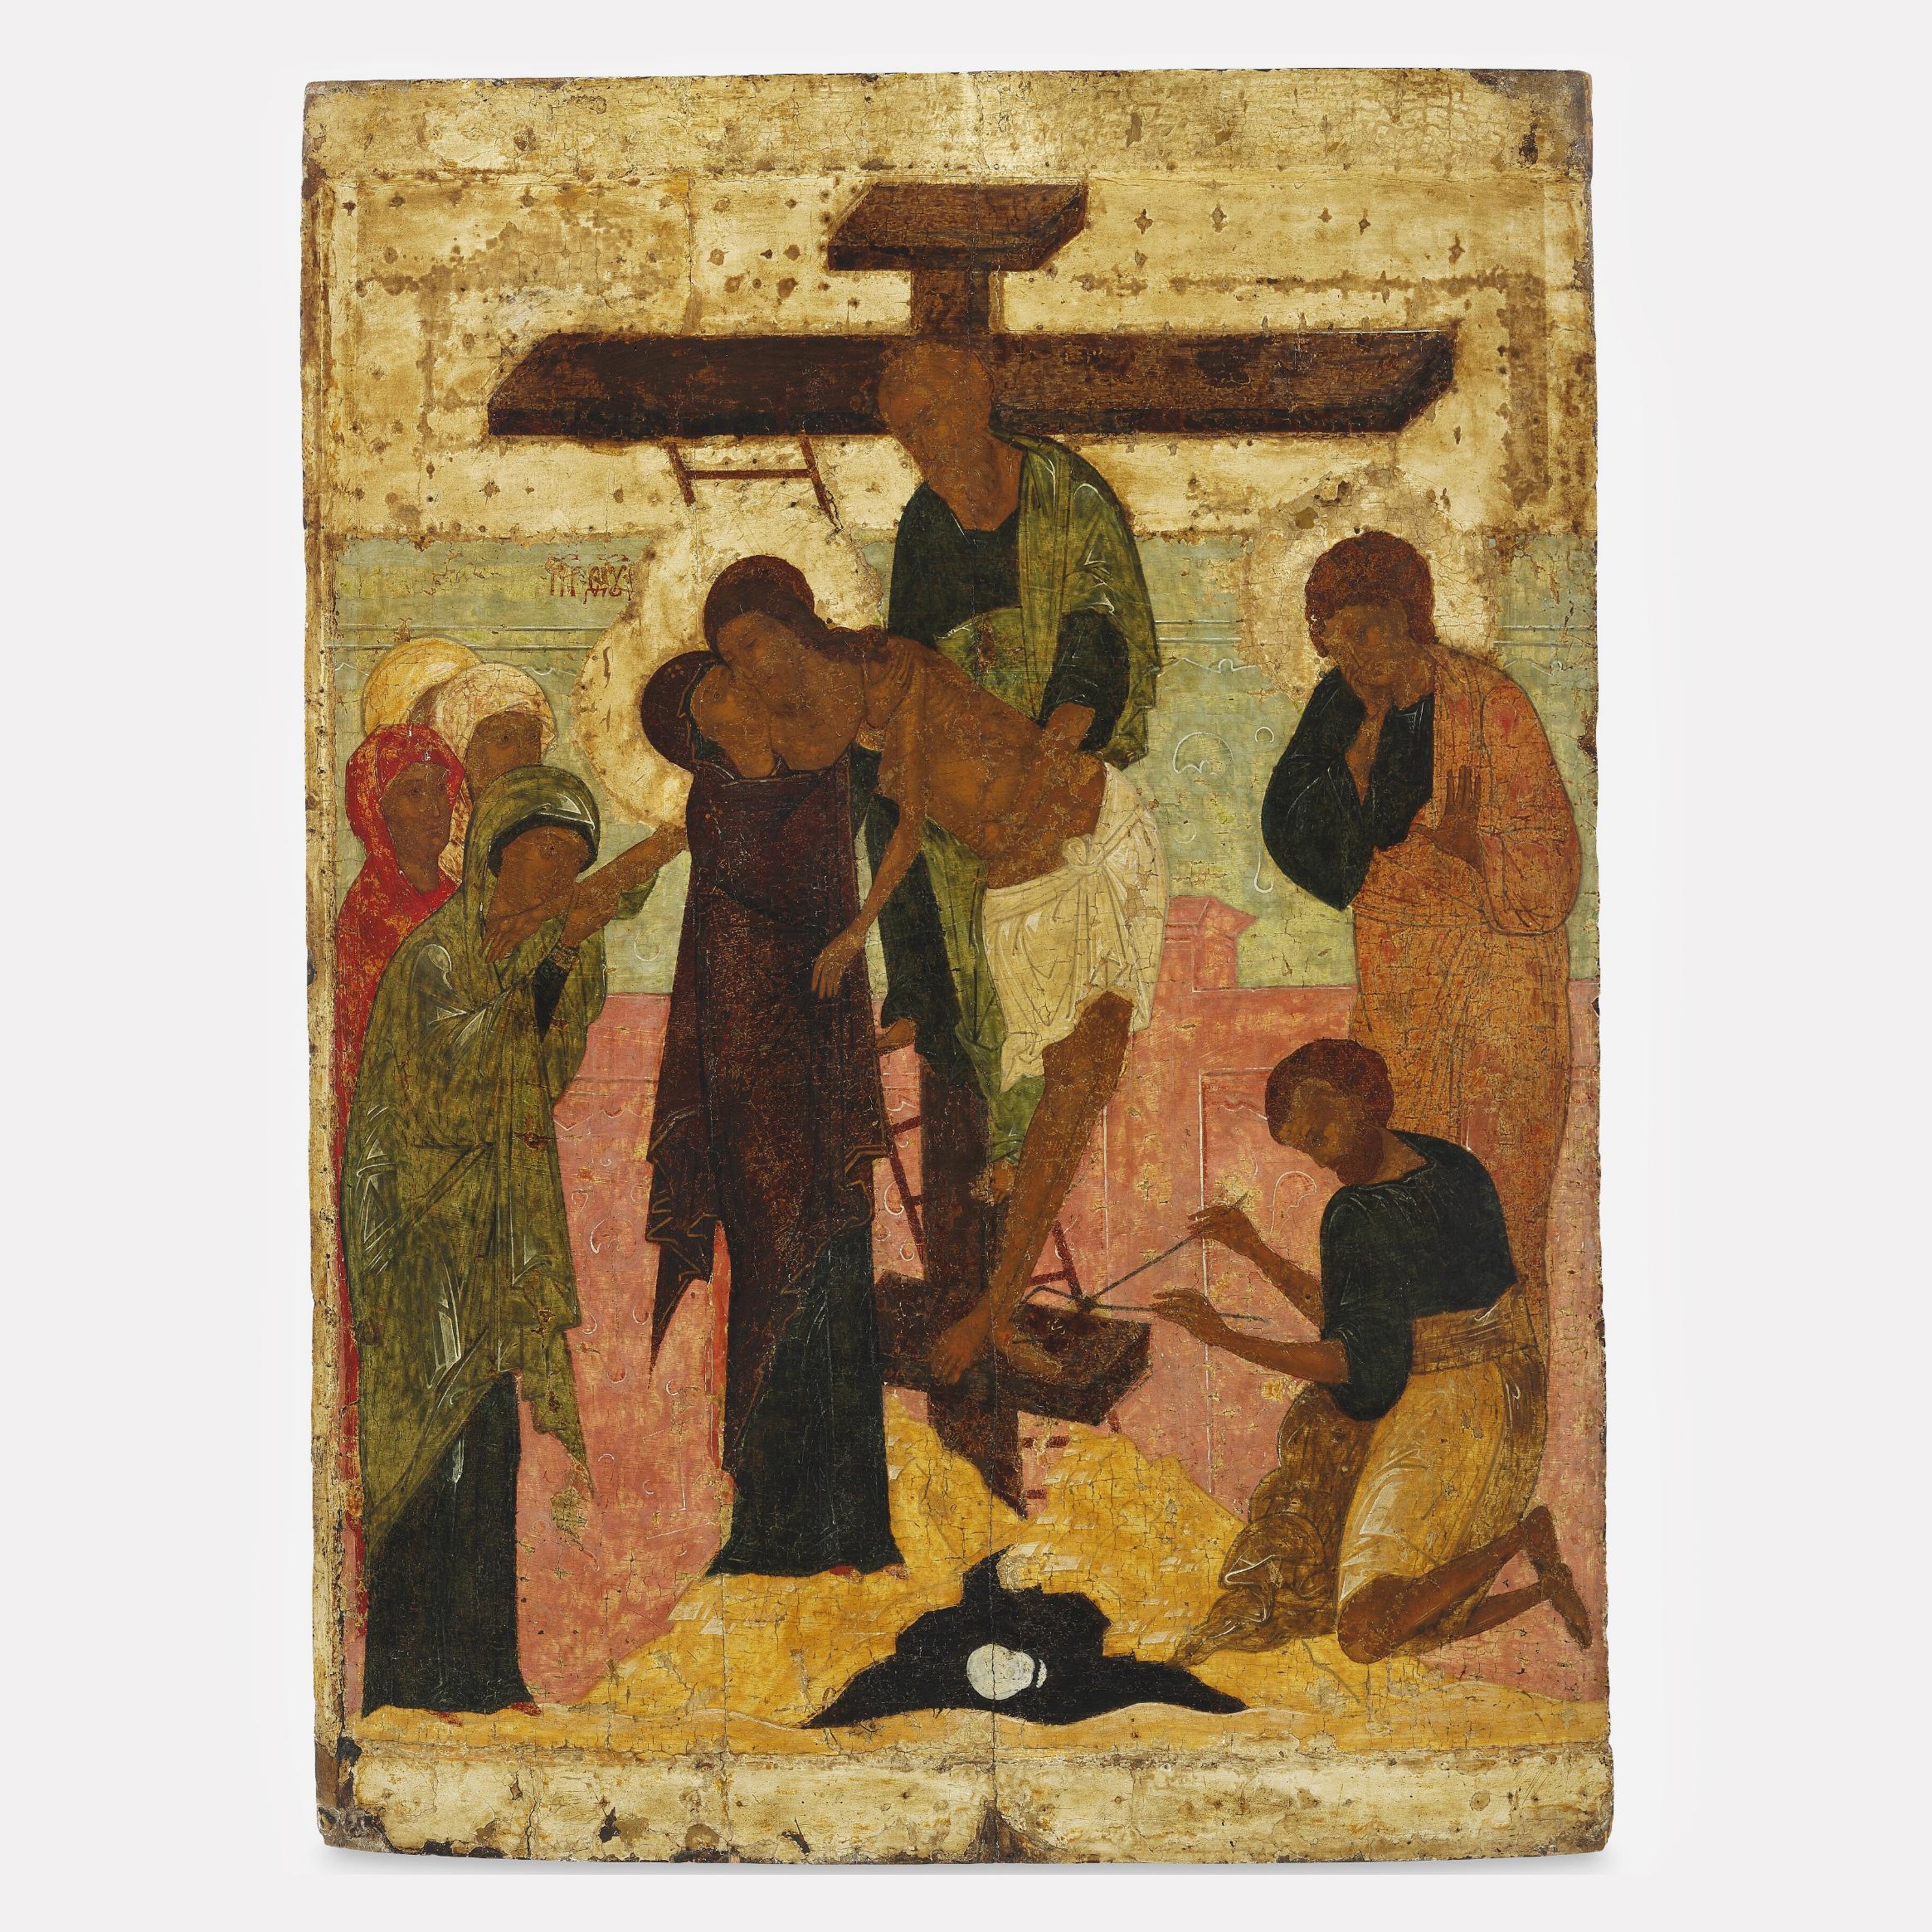 Икона «Снятие с креста», 16 век, Новгородская школа